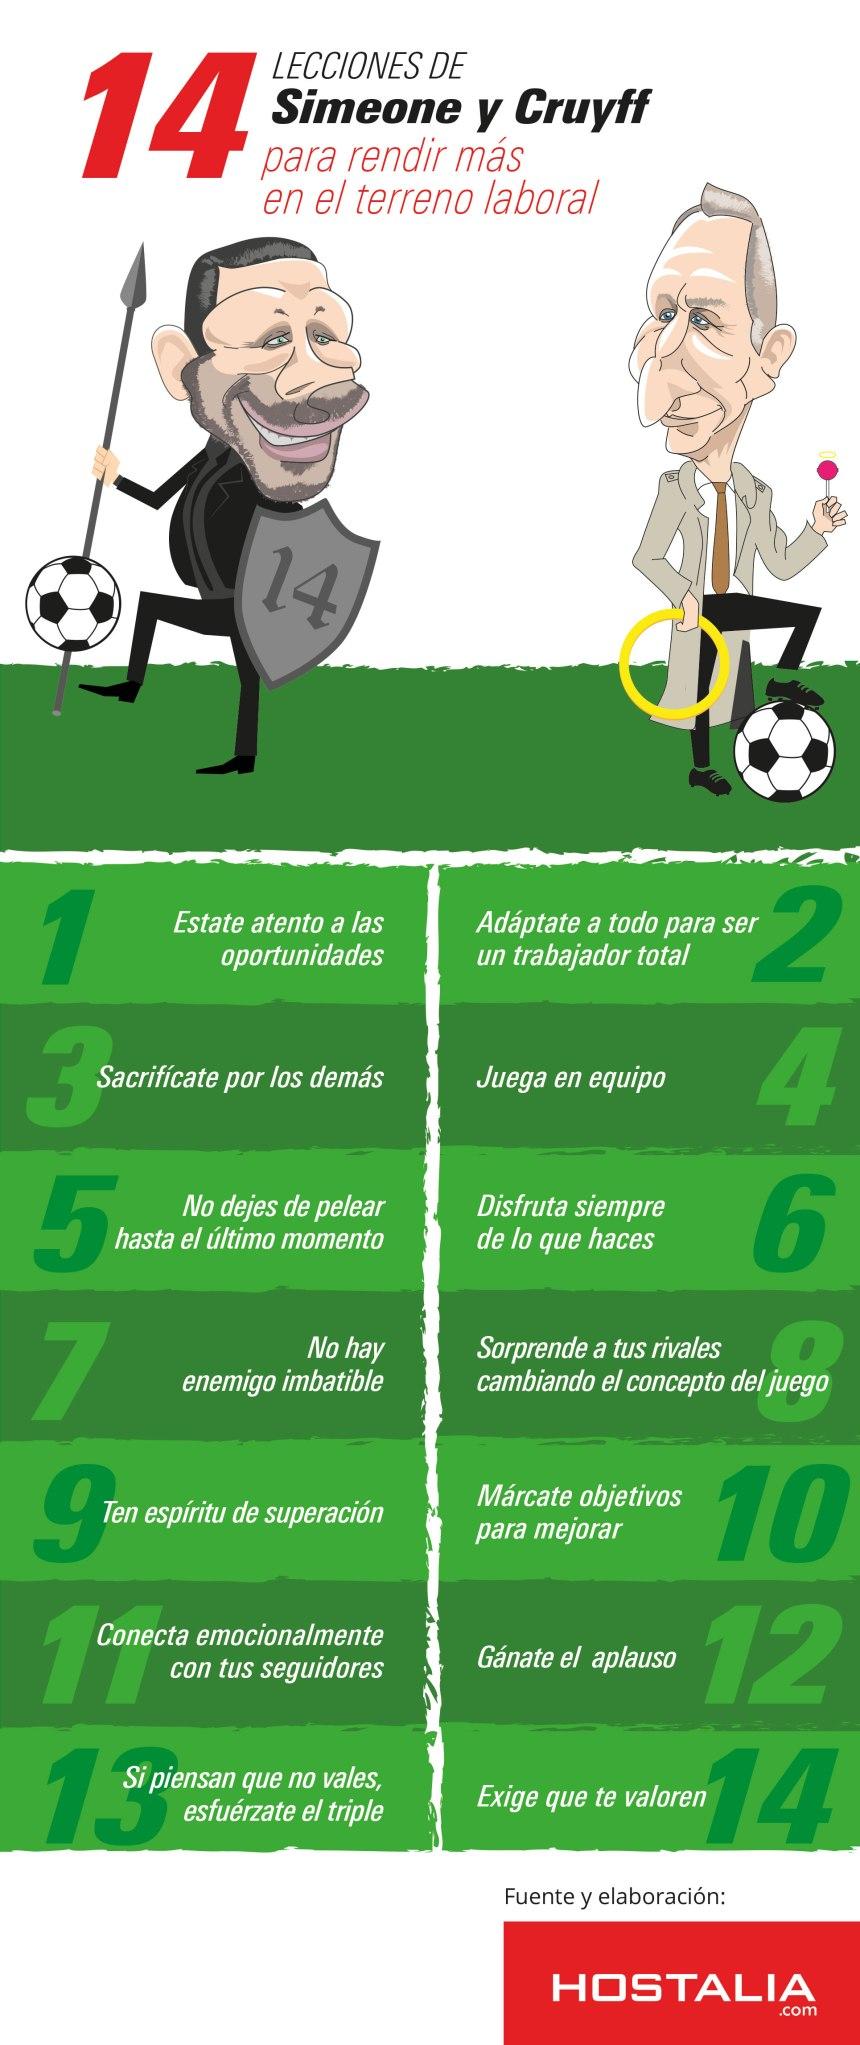 14 lecciones de Simeone y Cruyff para rendir más en el trabajo